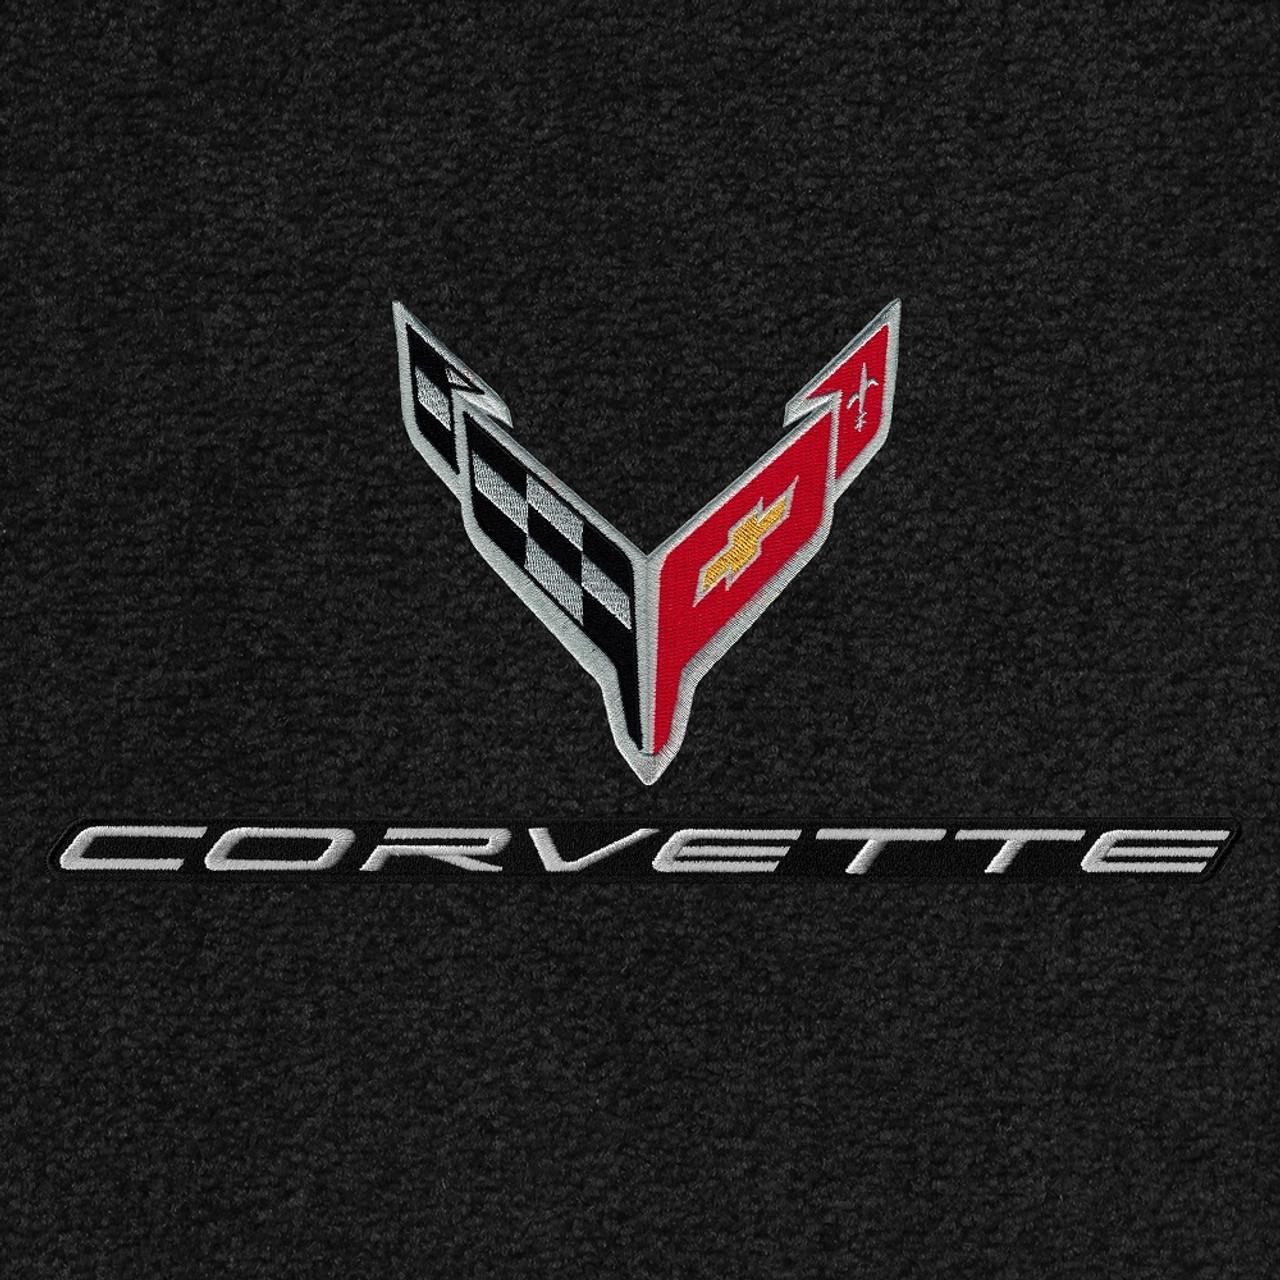 819416 - C8 Logo Silver & Corvette Word Silver